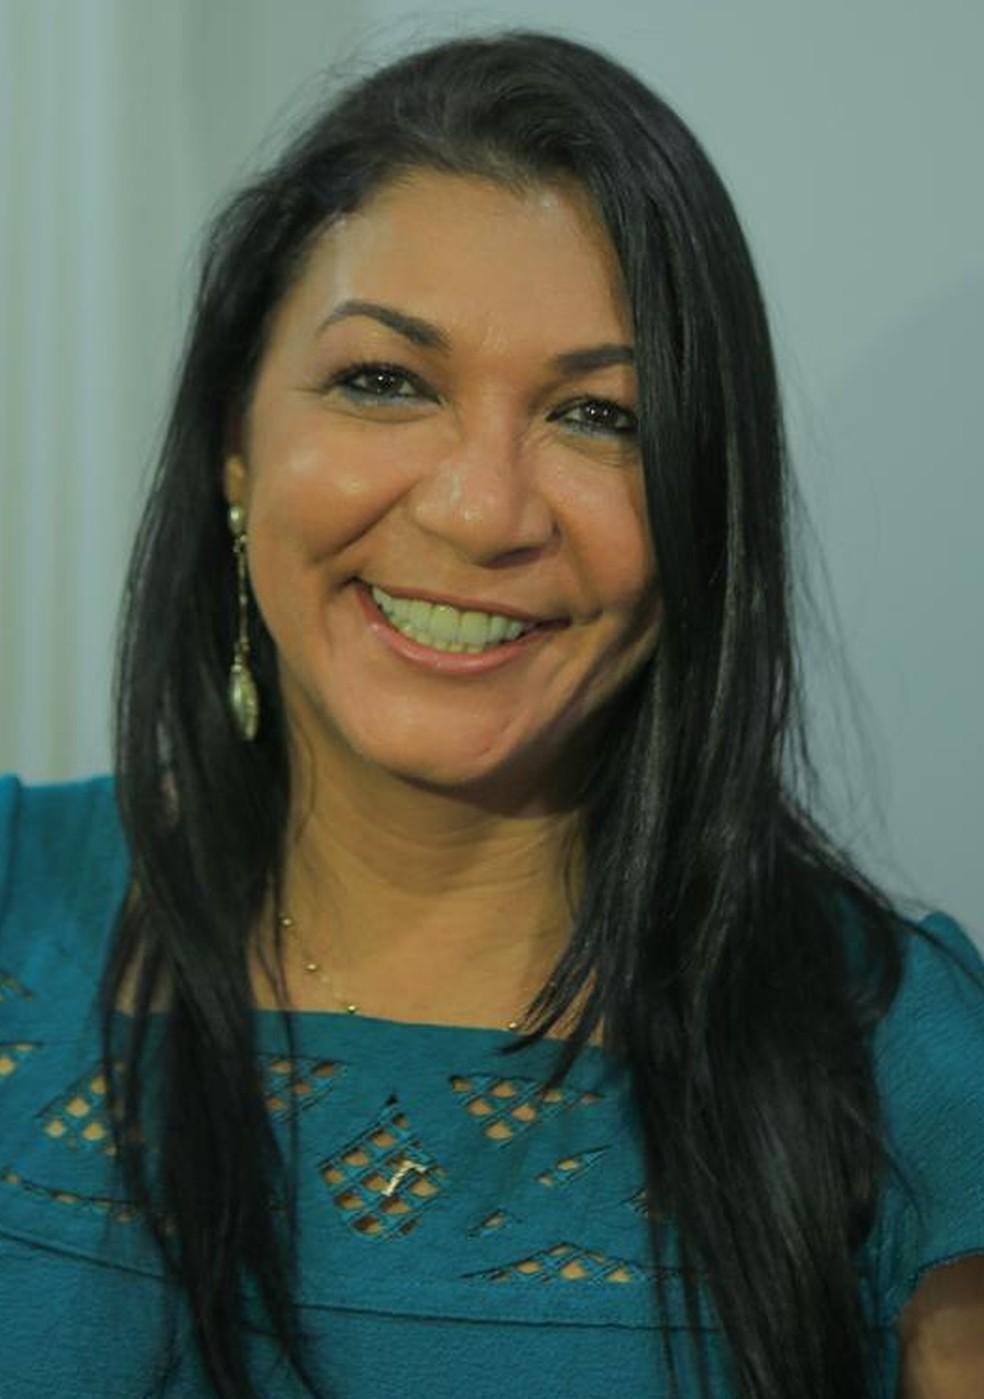 Eliane Sinhasique assumirá a Secretaria de Turismo — Foto: Divulgação